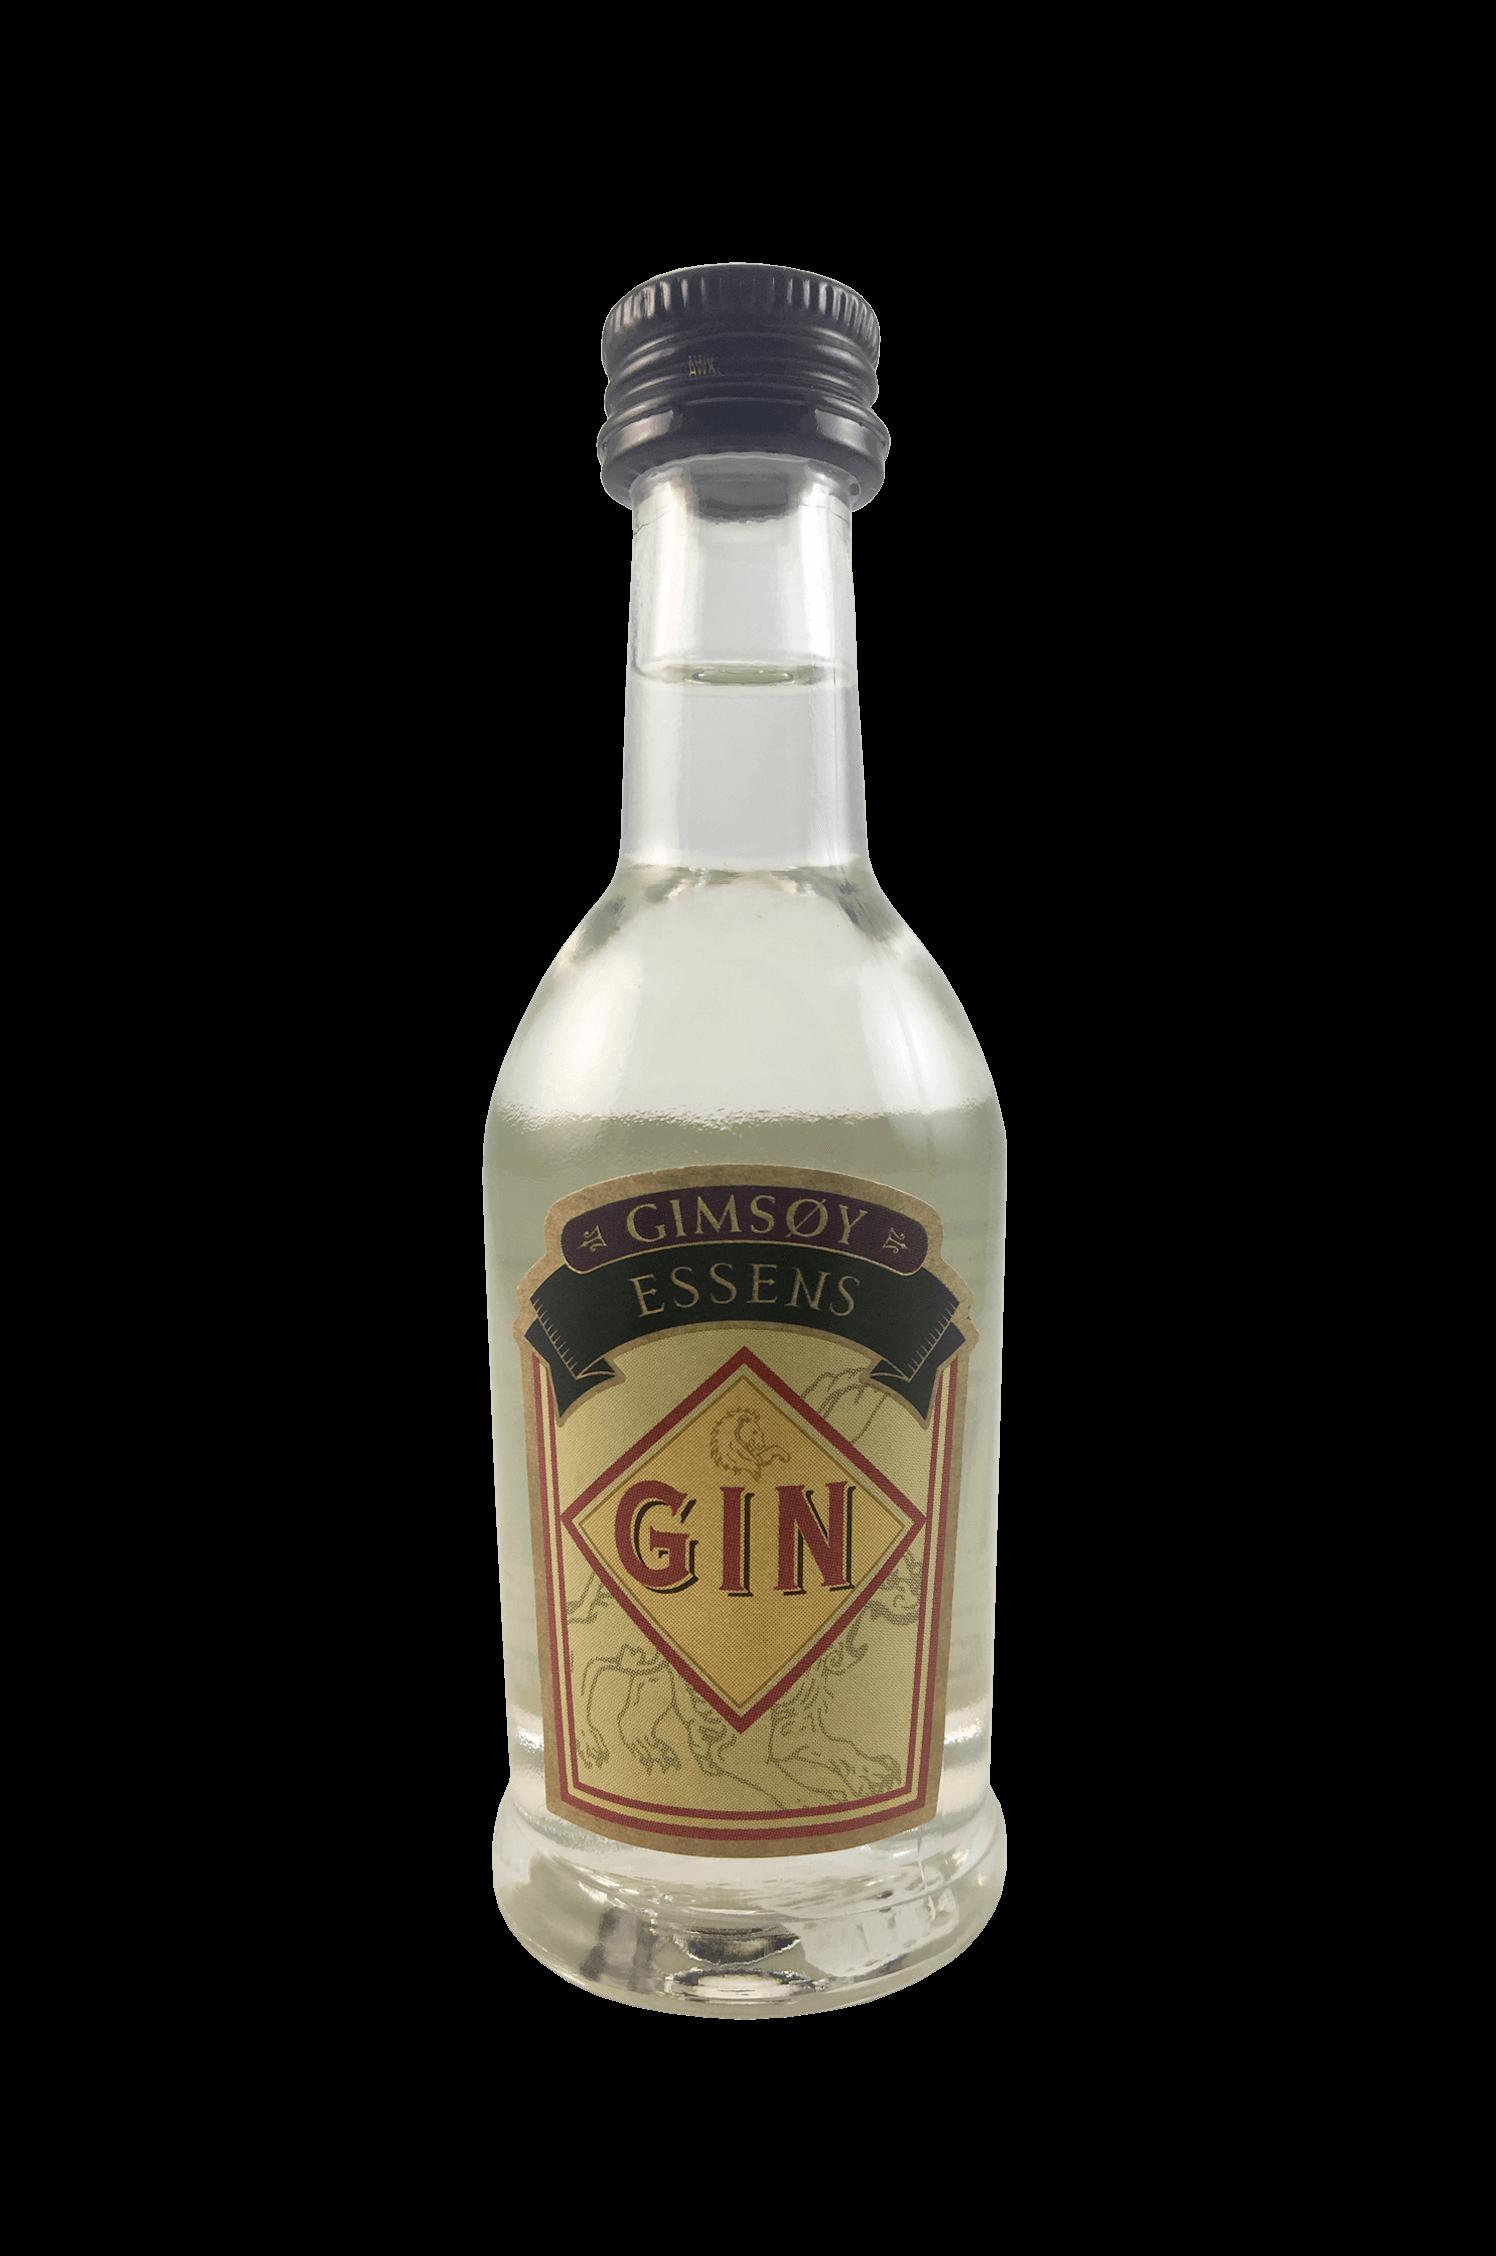 Gimsoy Essens Gin